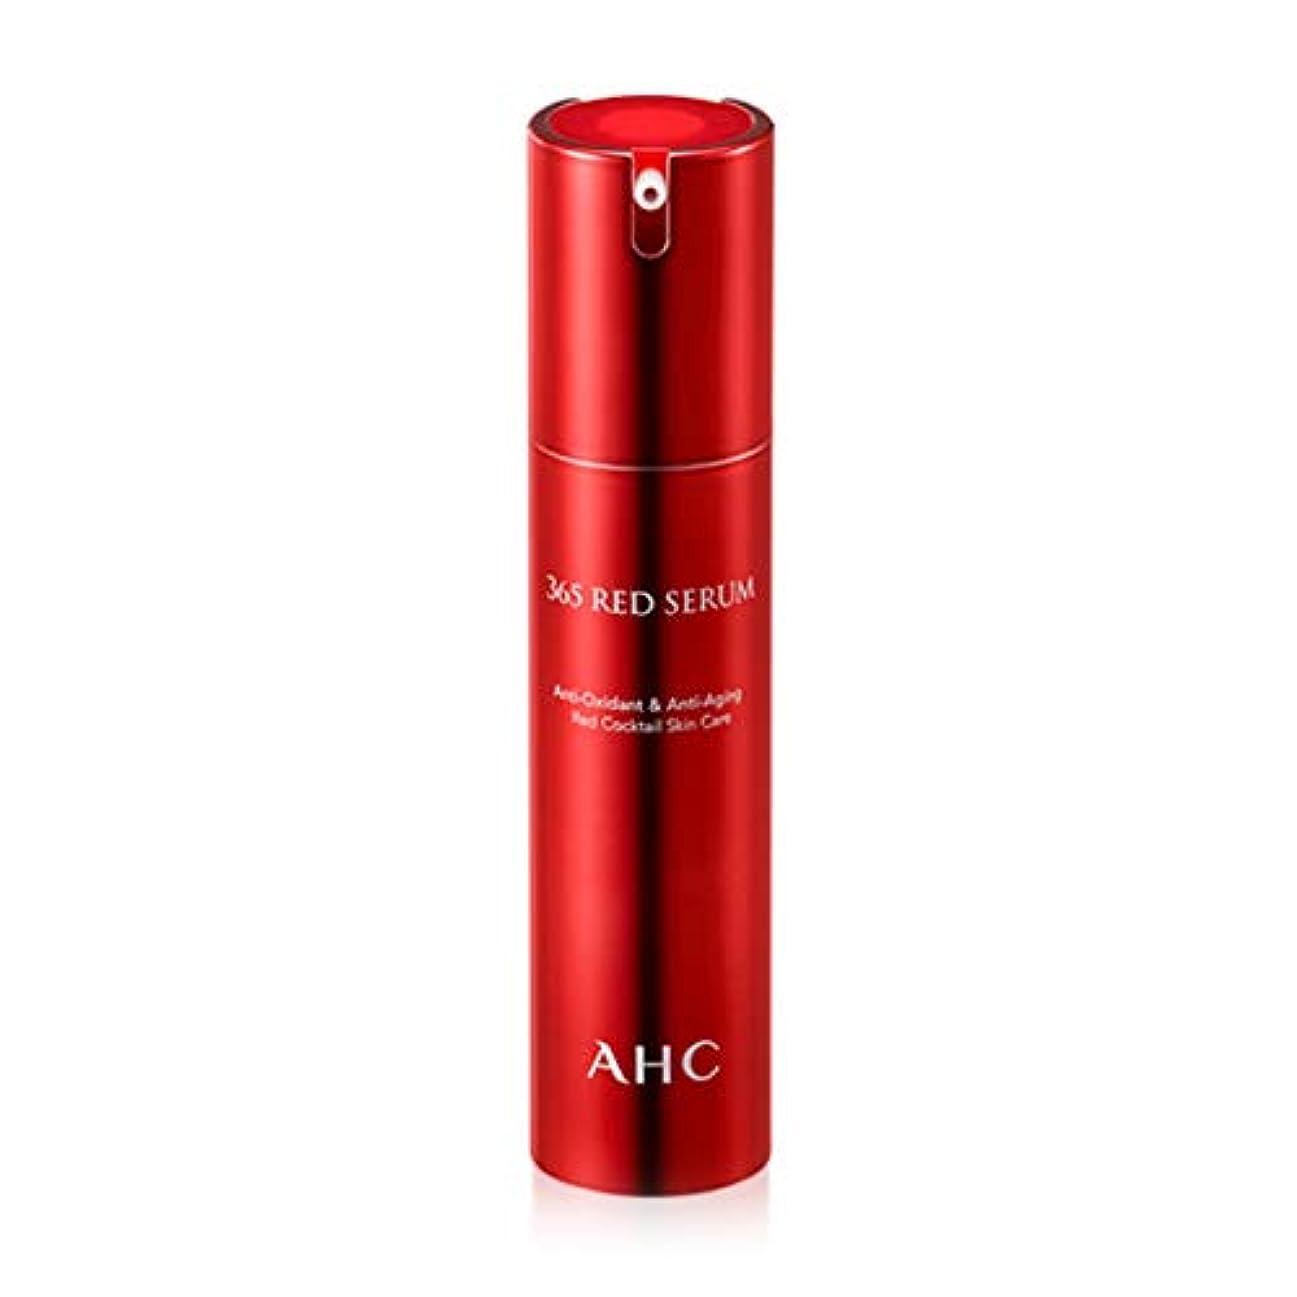 ロータリーダンス傘AHC 365 Red Serum AHC 365 レッド セラム 50ml [並行輸入品]